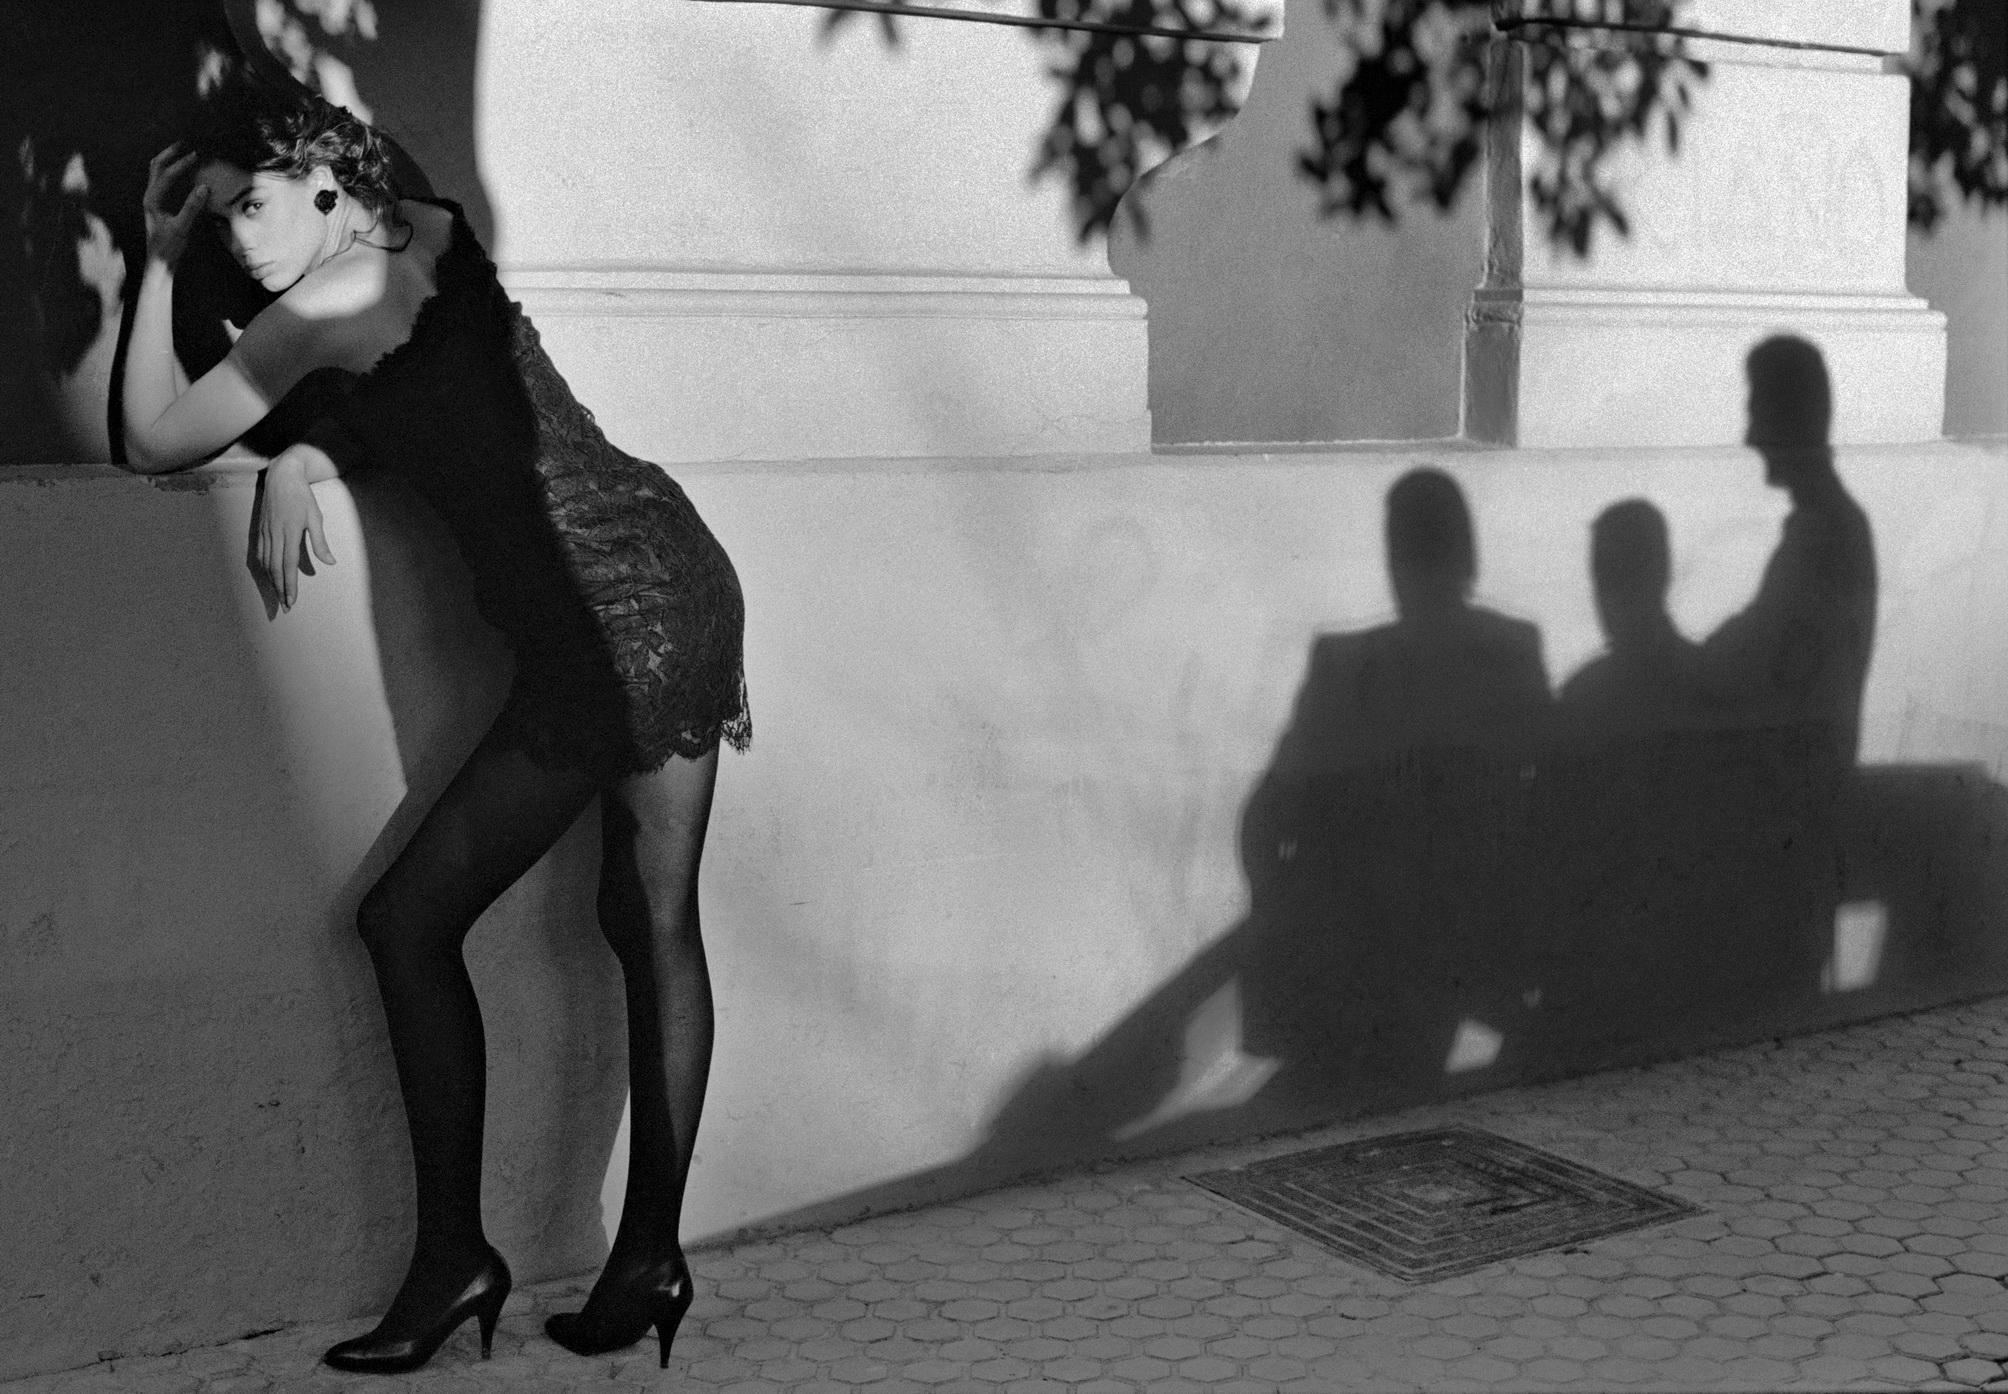 Letizia Battaglia, La bambina lavapiatti non è mai andata a scuola, 1979, Monreale © Letizia Battaglia